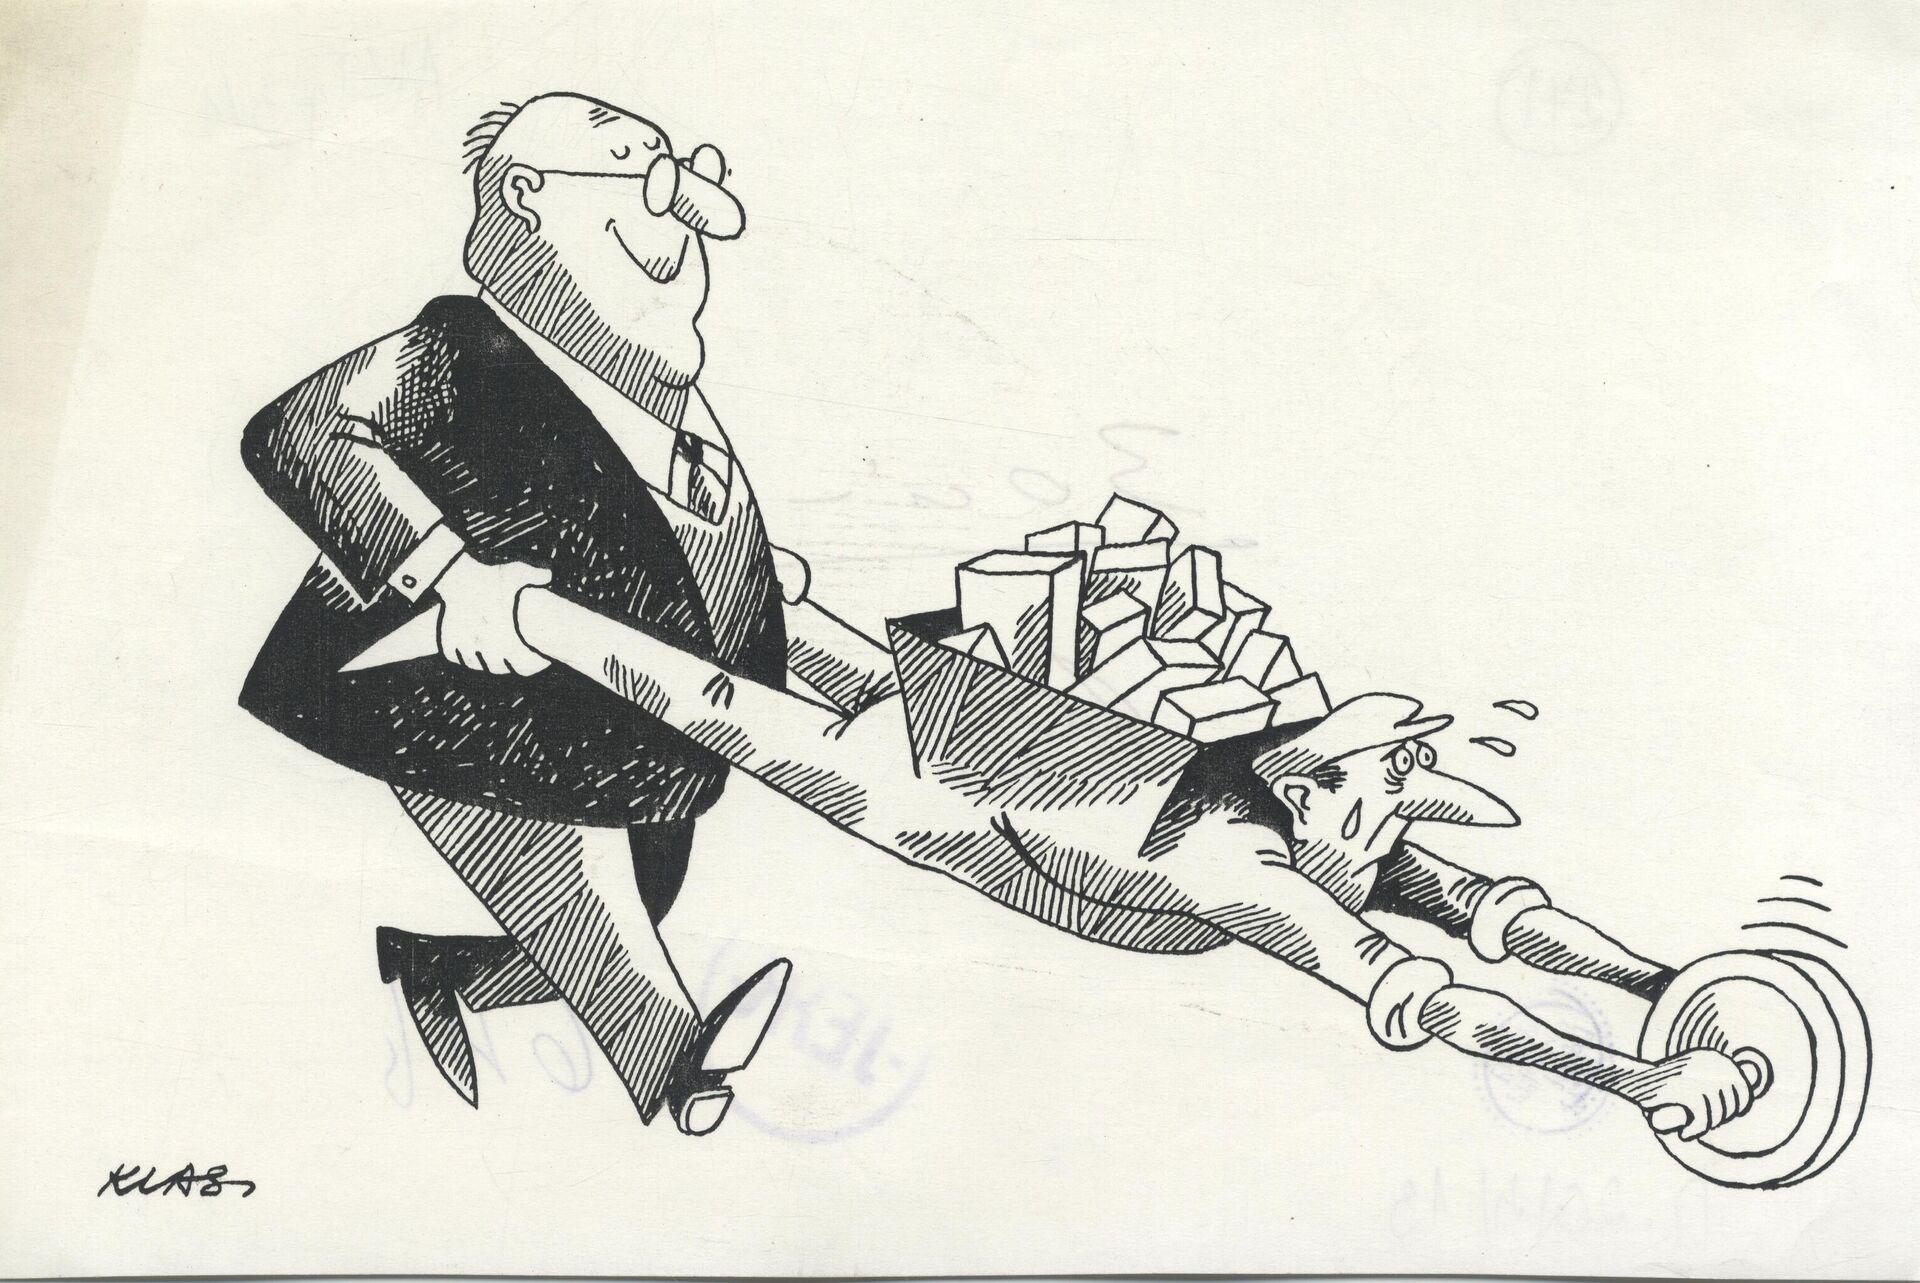 Александар Клас - Карикатура (Јеж) - Sputnik Србија, 1920, 07.10.2021